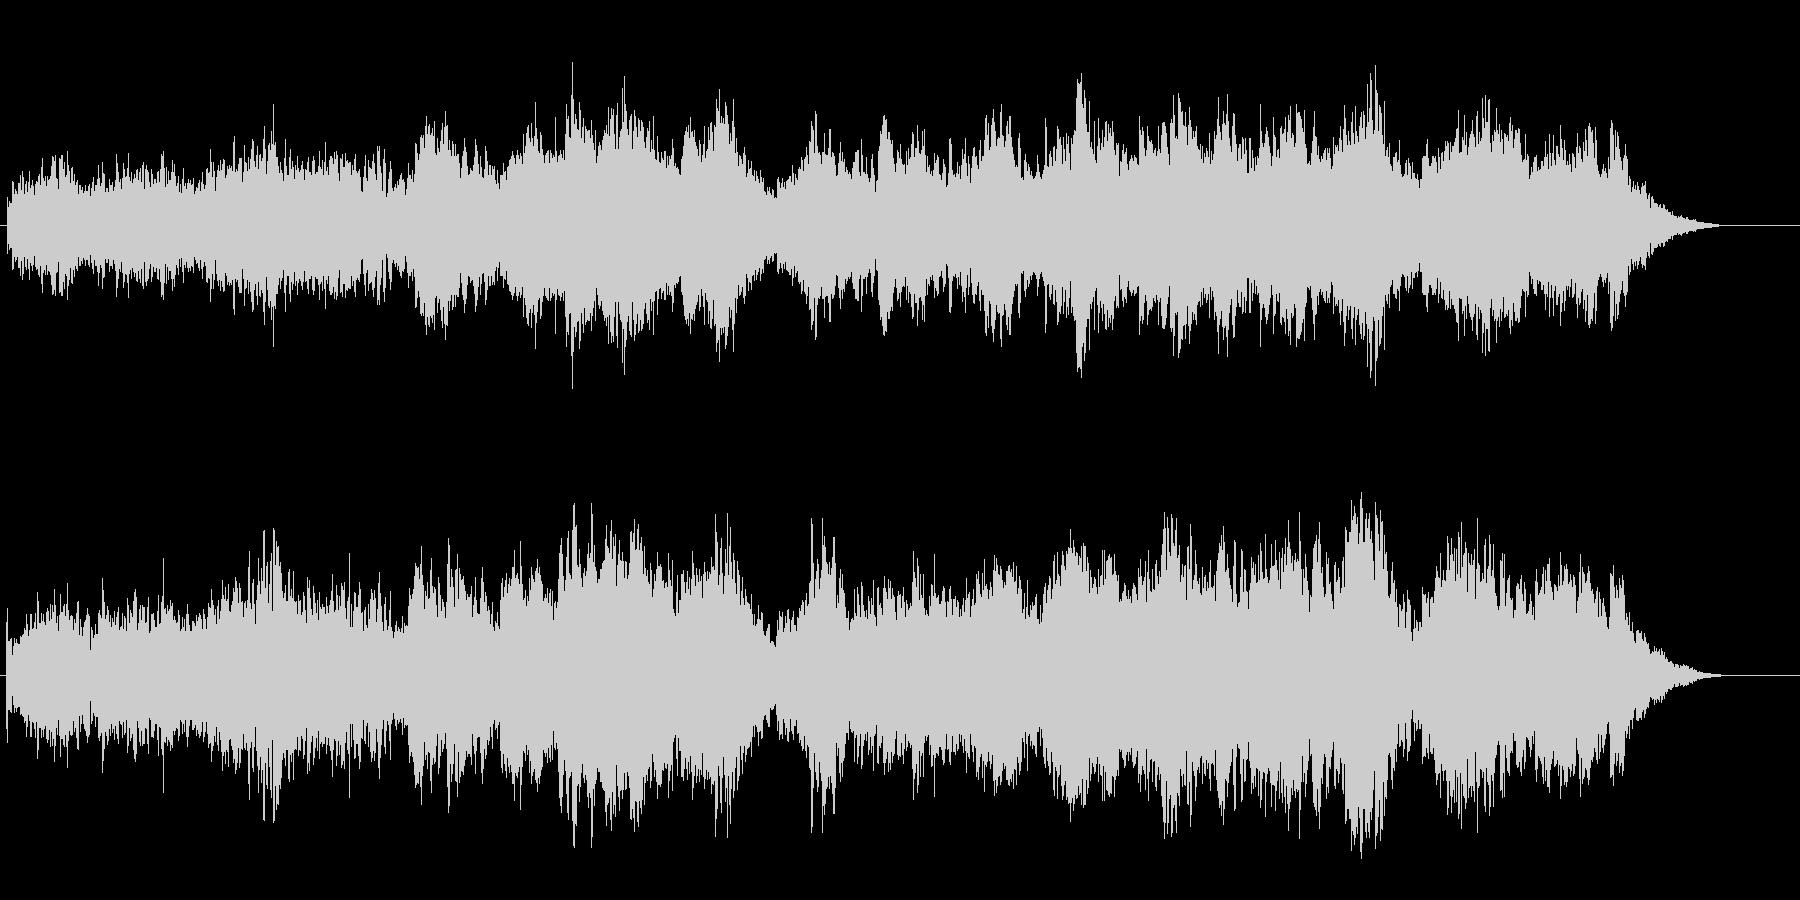 浮遊感覚のあるα波アンビエントBGMの未再生の波形